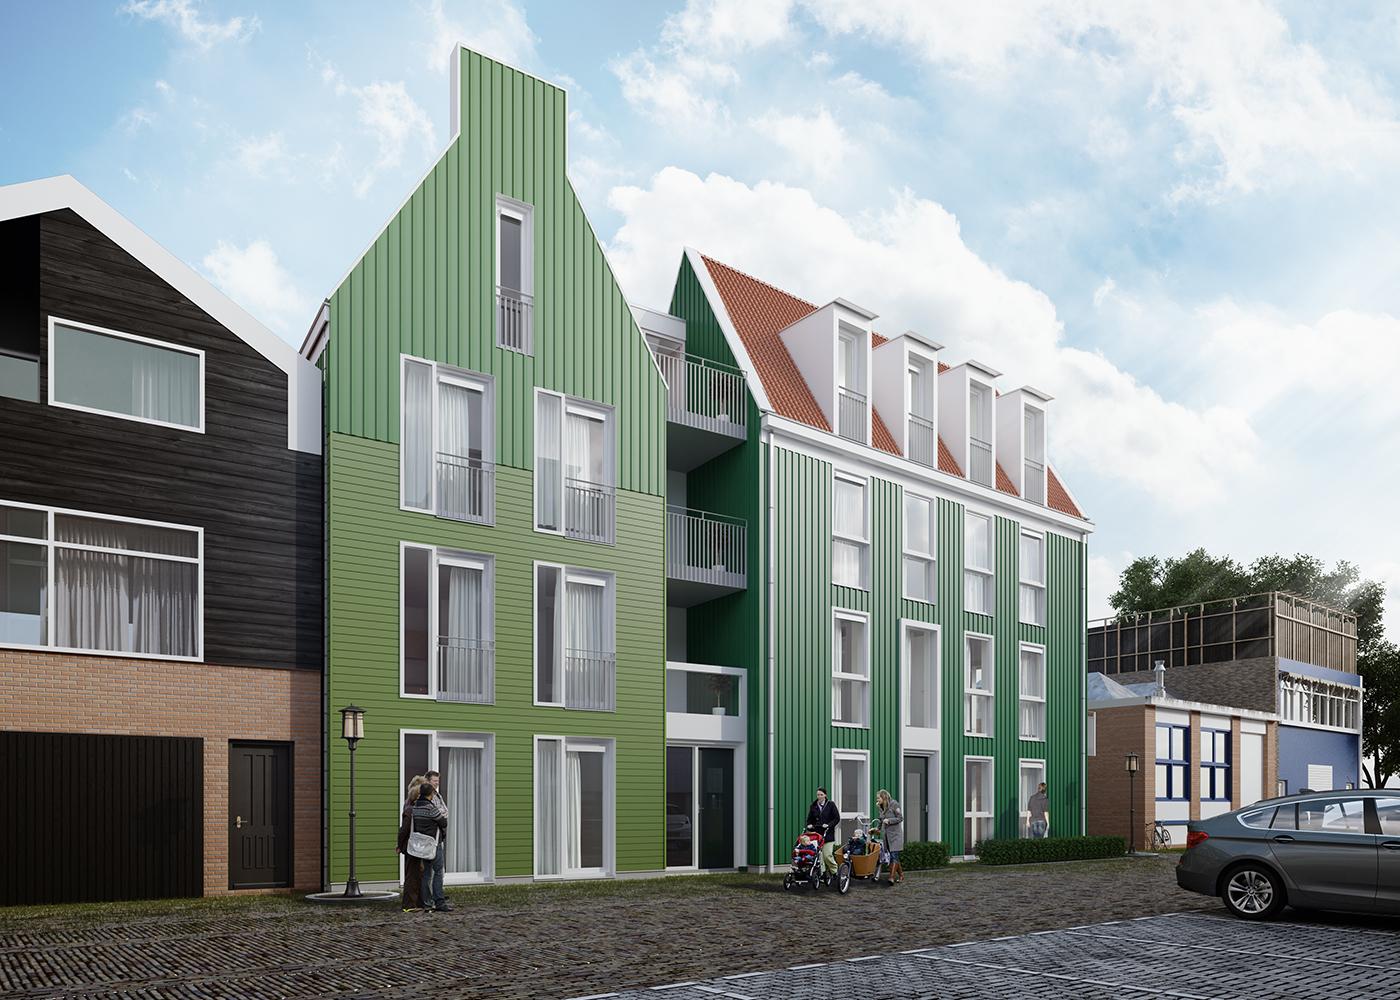 krimpenburg_nieuwbouw_zaandam+douglas_houten_gevelbekleding_eskra_bouw